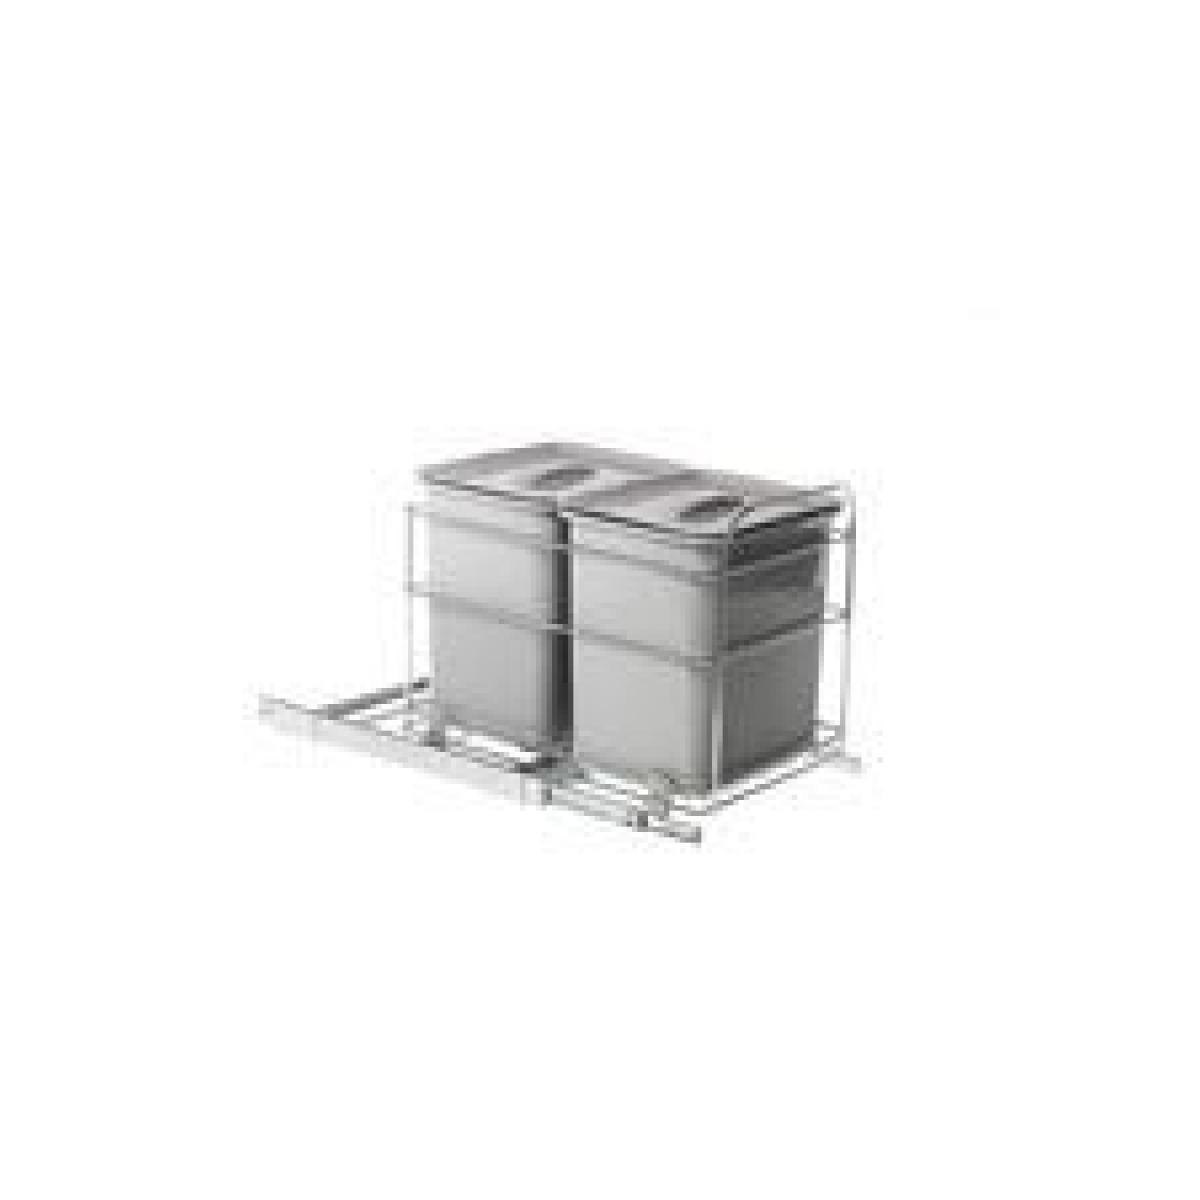 Комплект для раздельного сбора мусора для базы 400mm